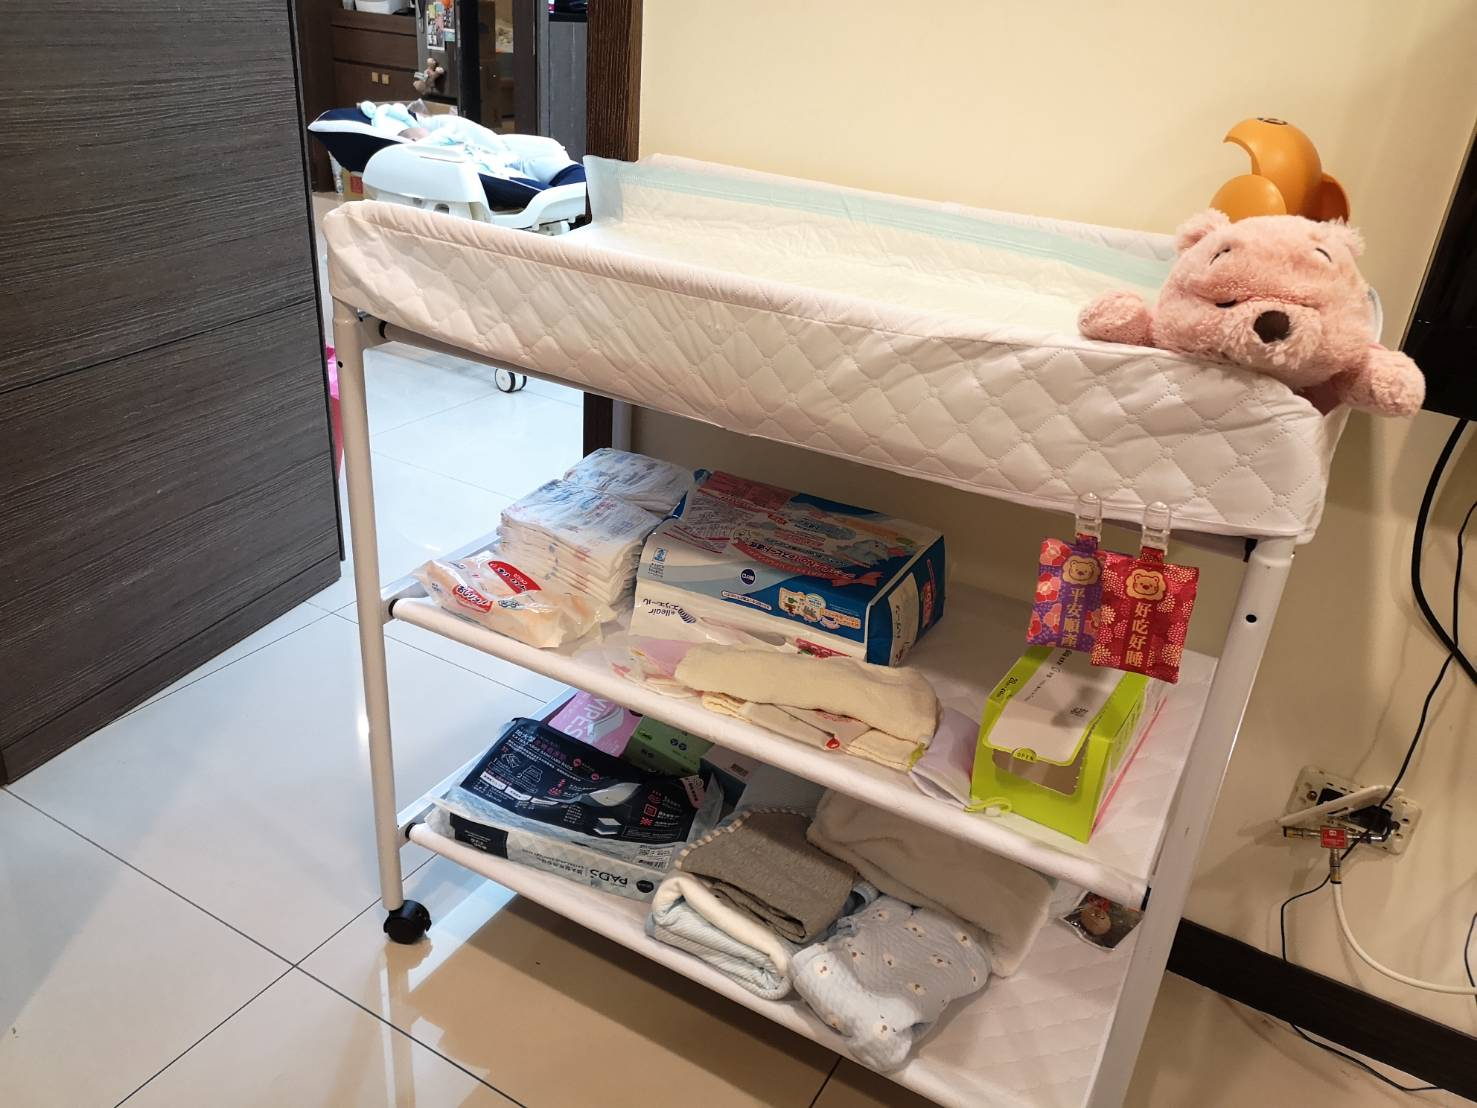 【嬰兒用品必買清單】新手媽媽必看懶人包,真心推薦(0~4個月寶寶) @小環妞 幸福足跡